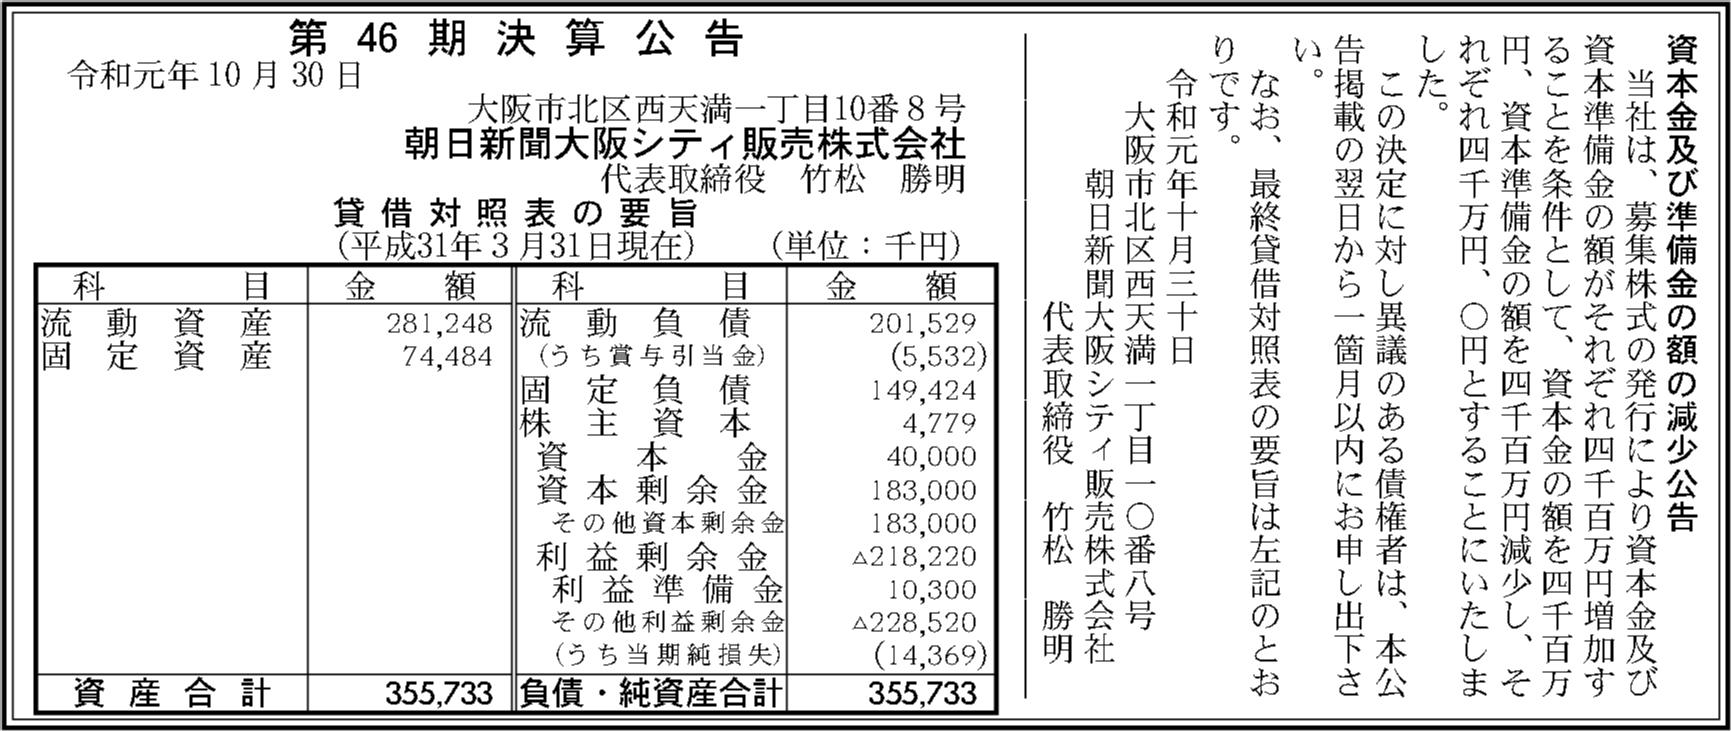 0094 f8be033f7eee498c4fad0f29796d4018be73d754706a10815559254b7aaa4e5259cebb61aad58e6a0d578ac97125eb60df7957374a21f09a5c0e573ad02c36ad 01